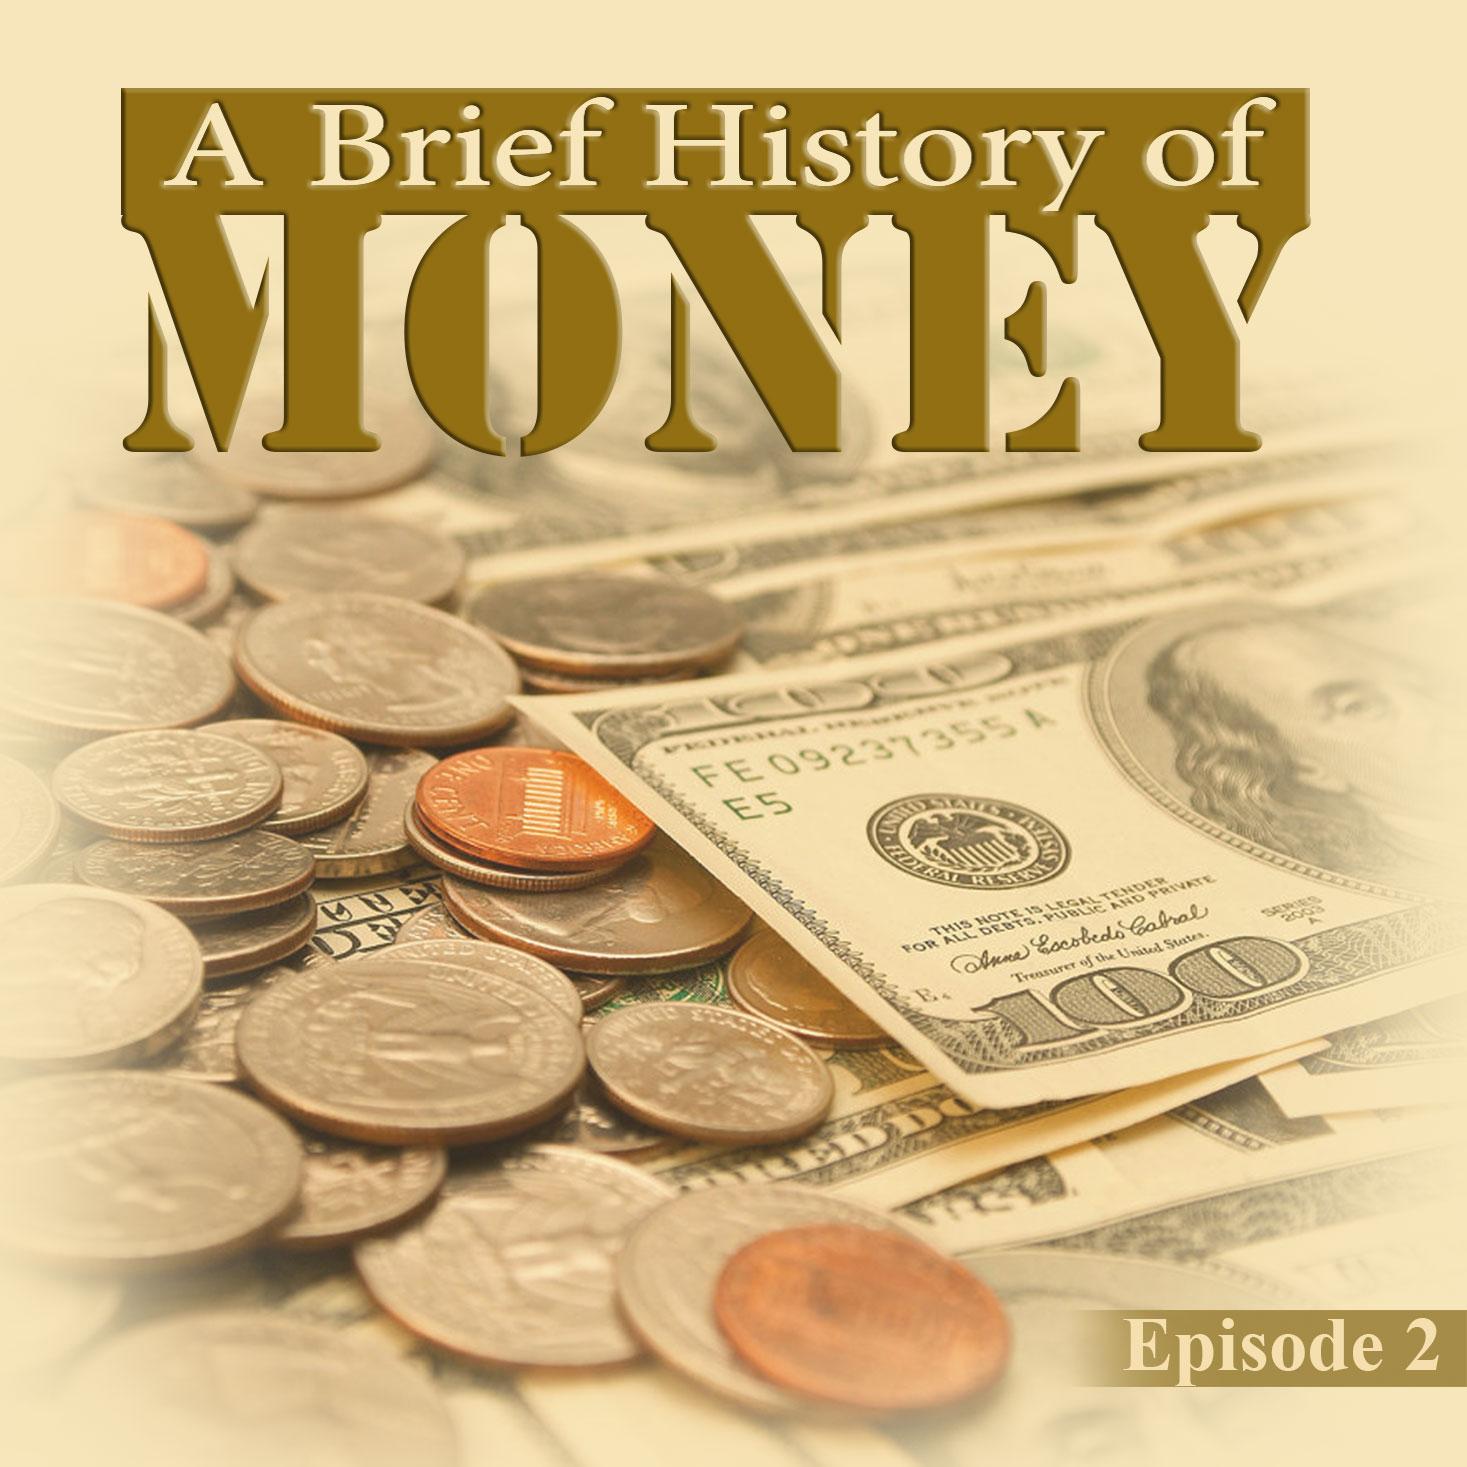 قسمت پانزدهم: تاریخ پول- بخش دوم